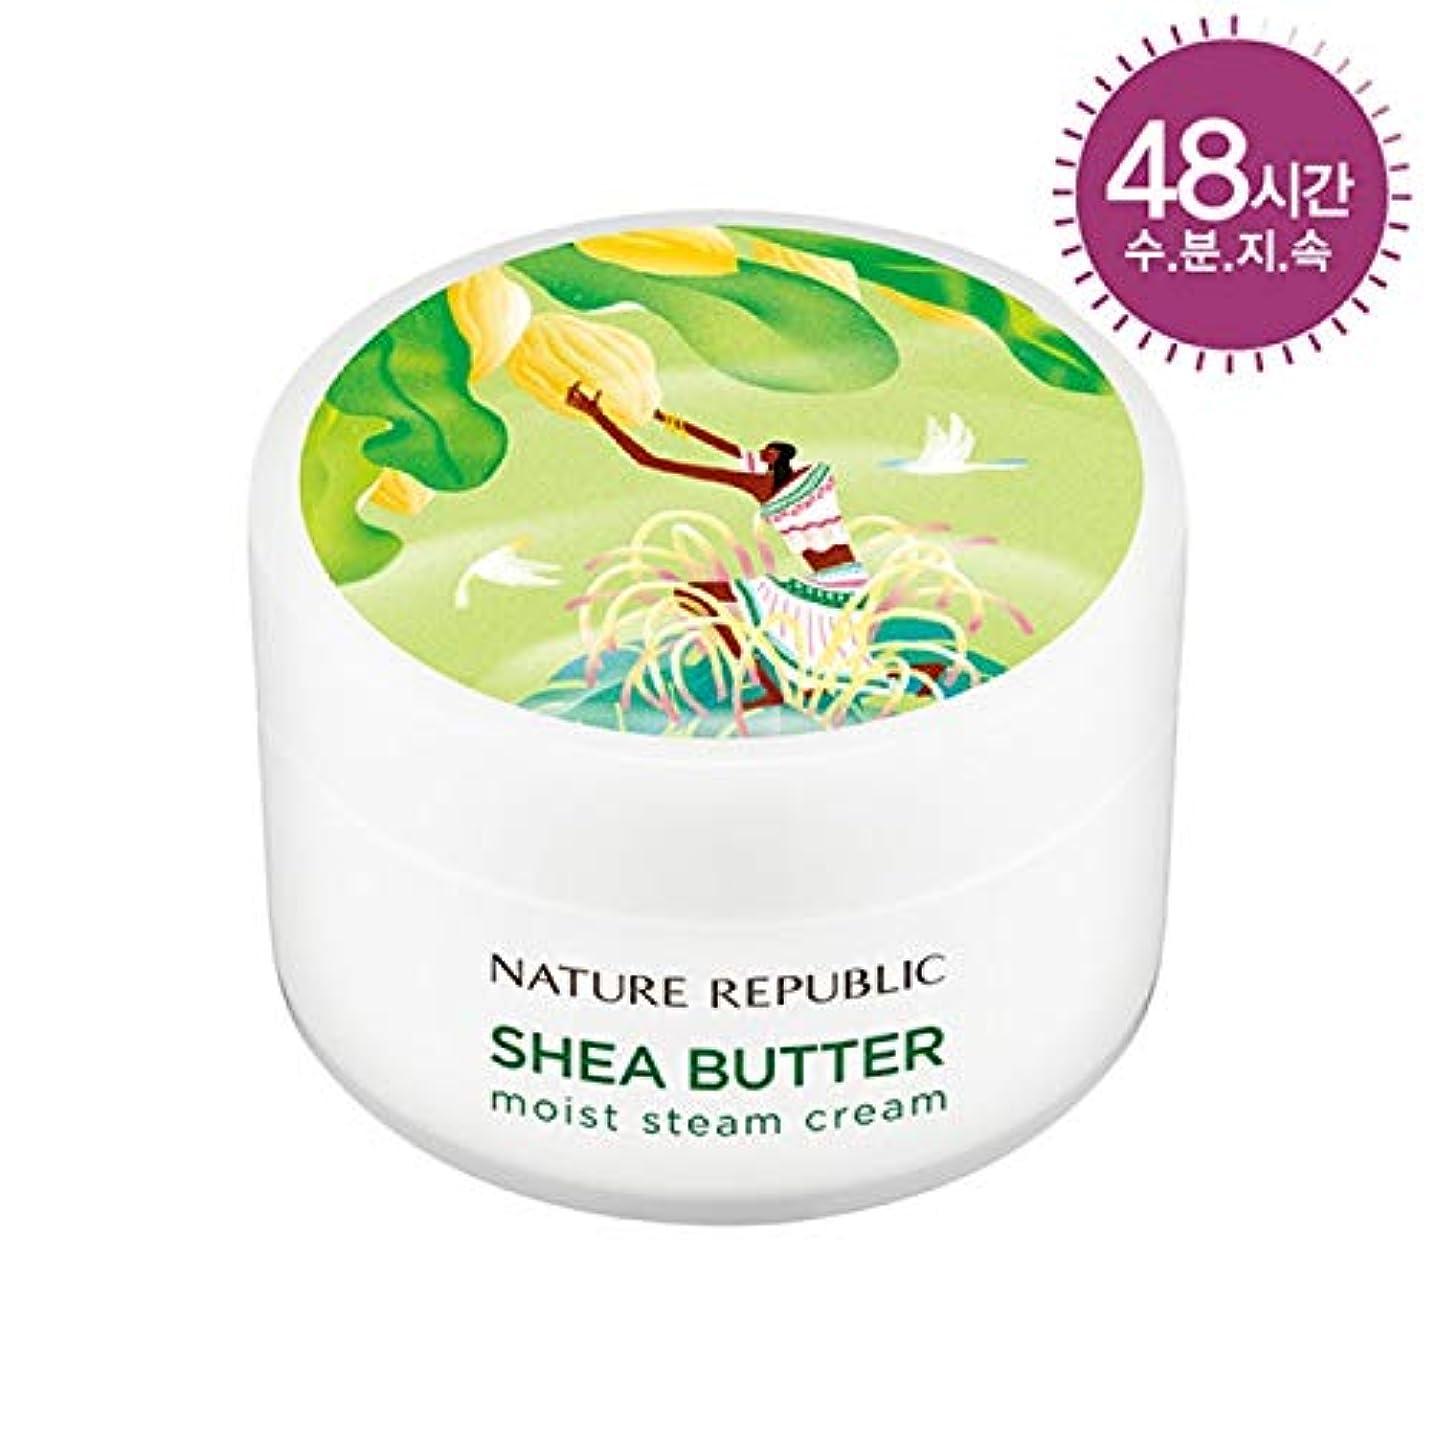 必要クローゼット保証するネイチャーリパブリック(Nature Republic)シェアバタースチームクリームモイスト[中乾燥肌] 100ml / Shea Butter Steam Cream 100ml (Moist) :: 韓国コスメ [並行輸入品]